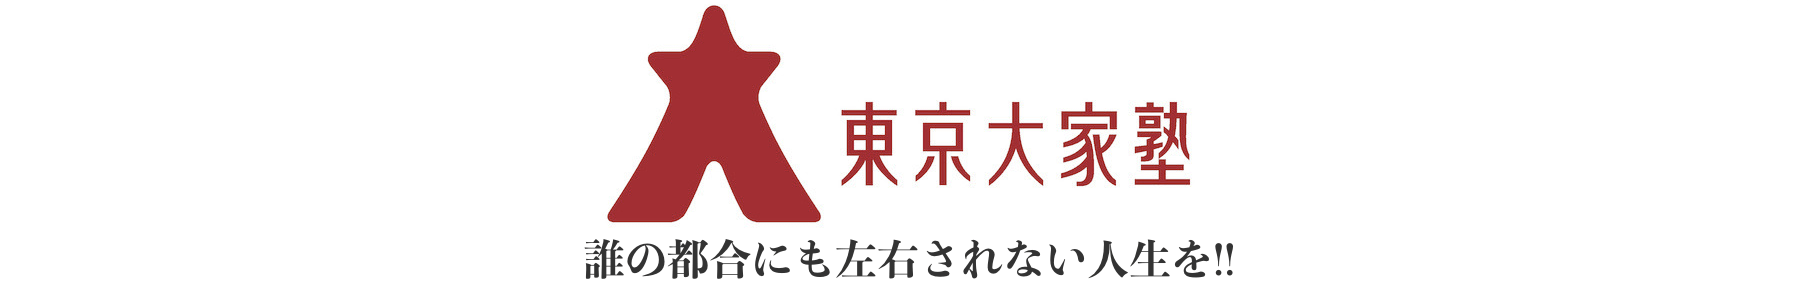 東京大家塾 | 誰の都合にも左右されない人生を!!